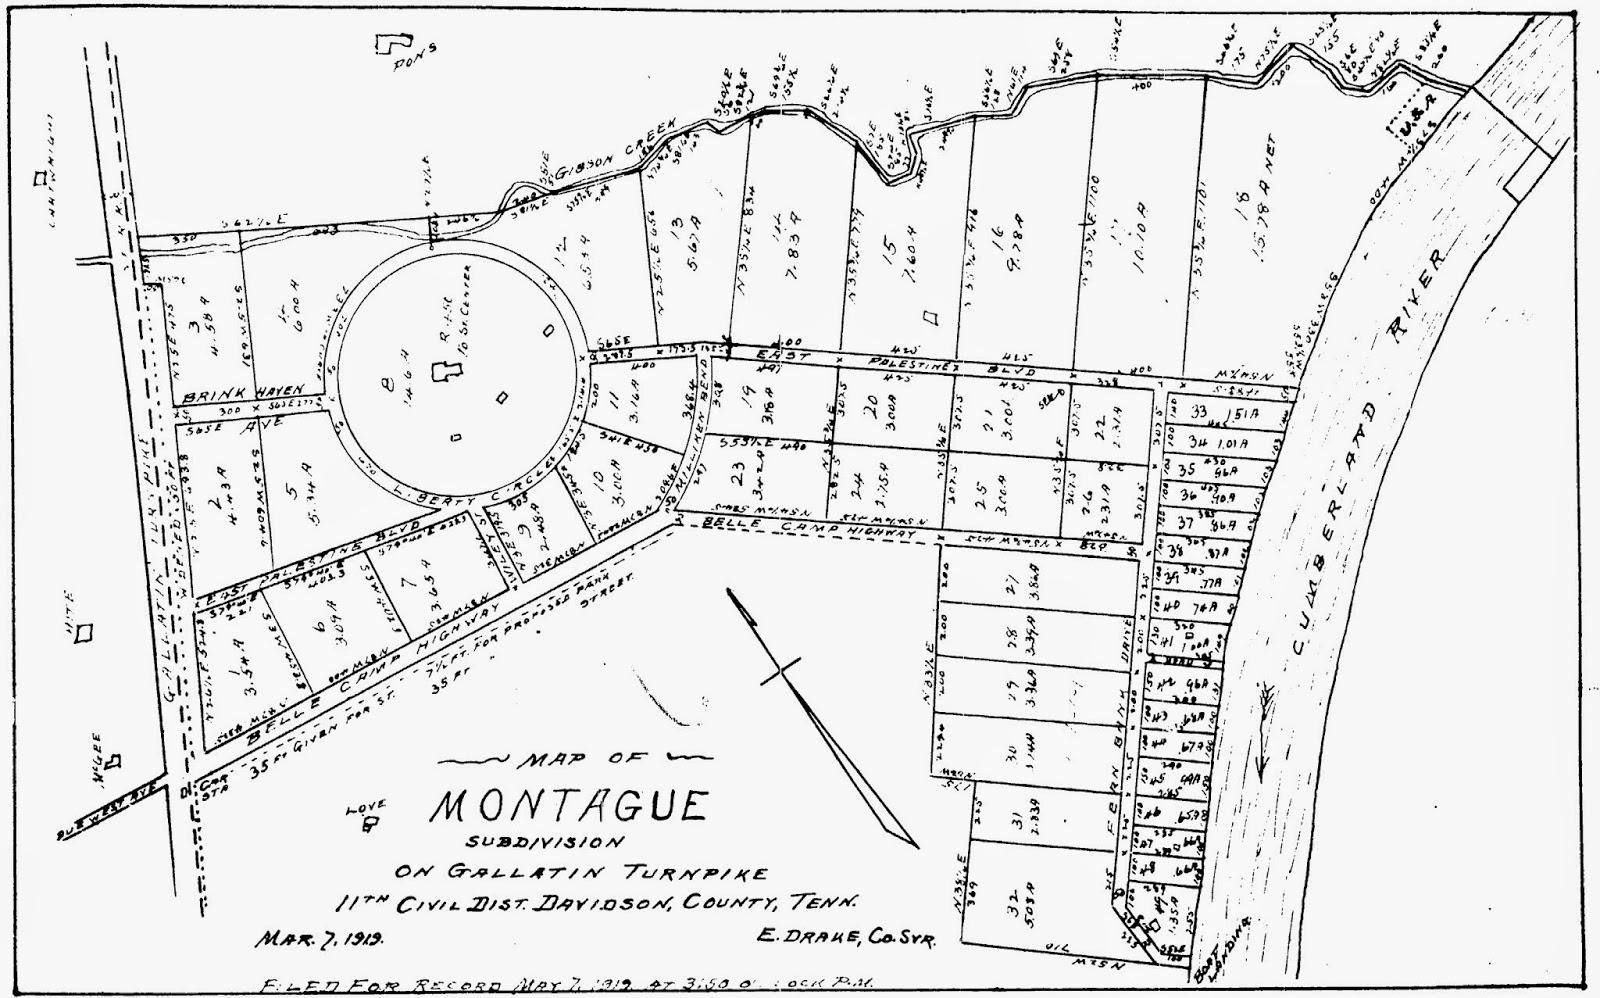 Nashville History: Montague